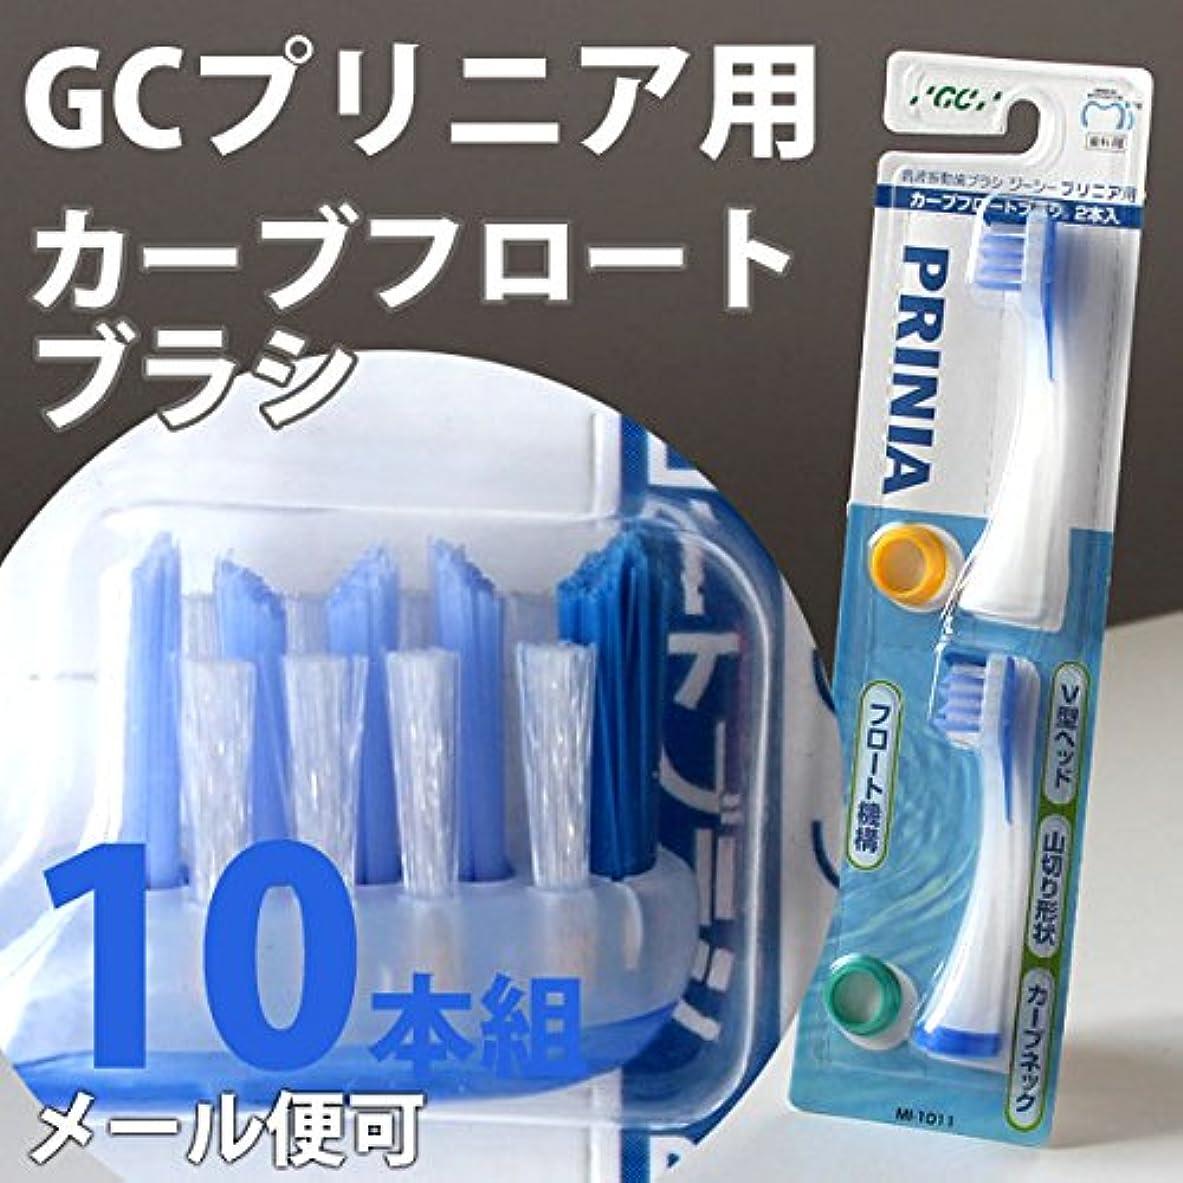 プレゼンテーションそれ折るプリニア GC 音波振動 歯ブラシ プリニアスリム替えブラシ カーブフロートブラシ 5セット (10本) ブルー